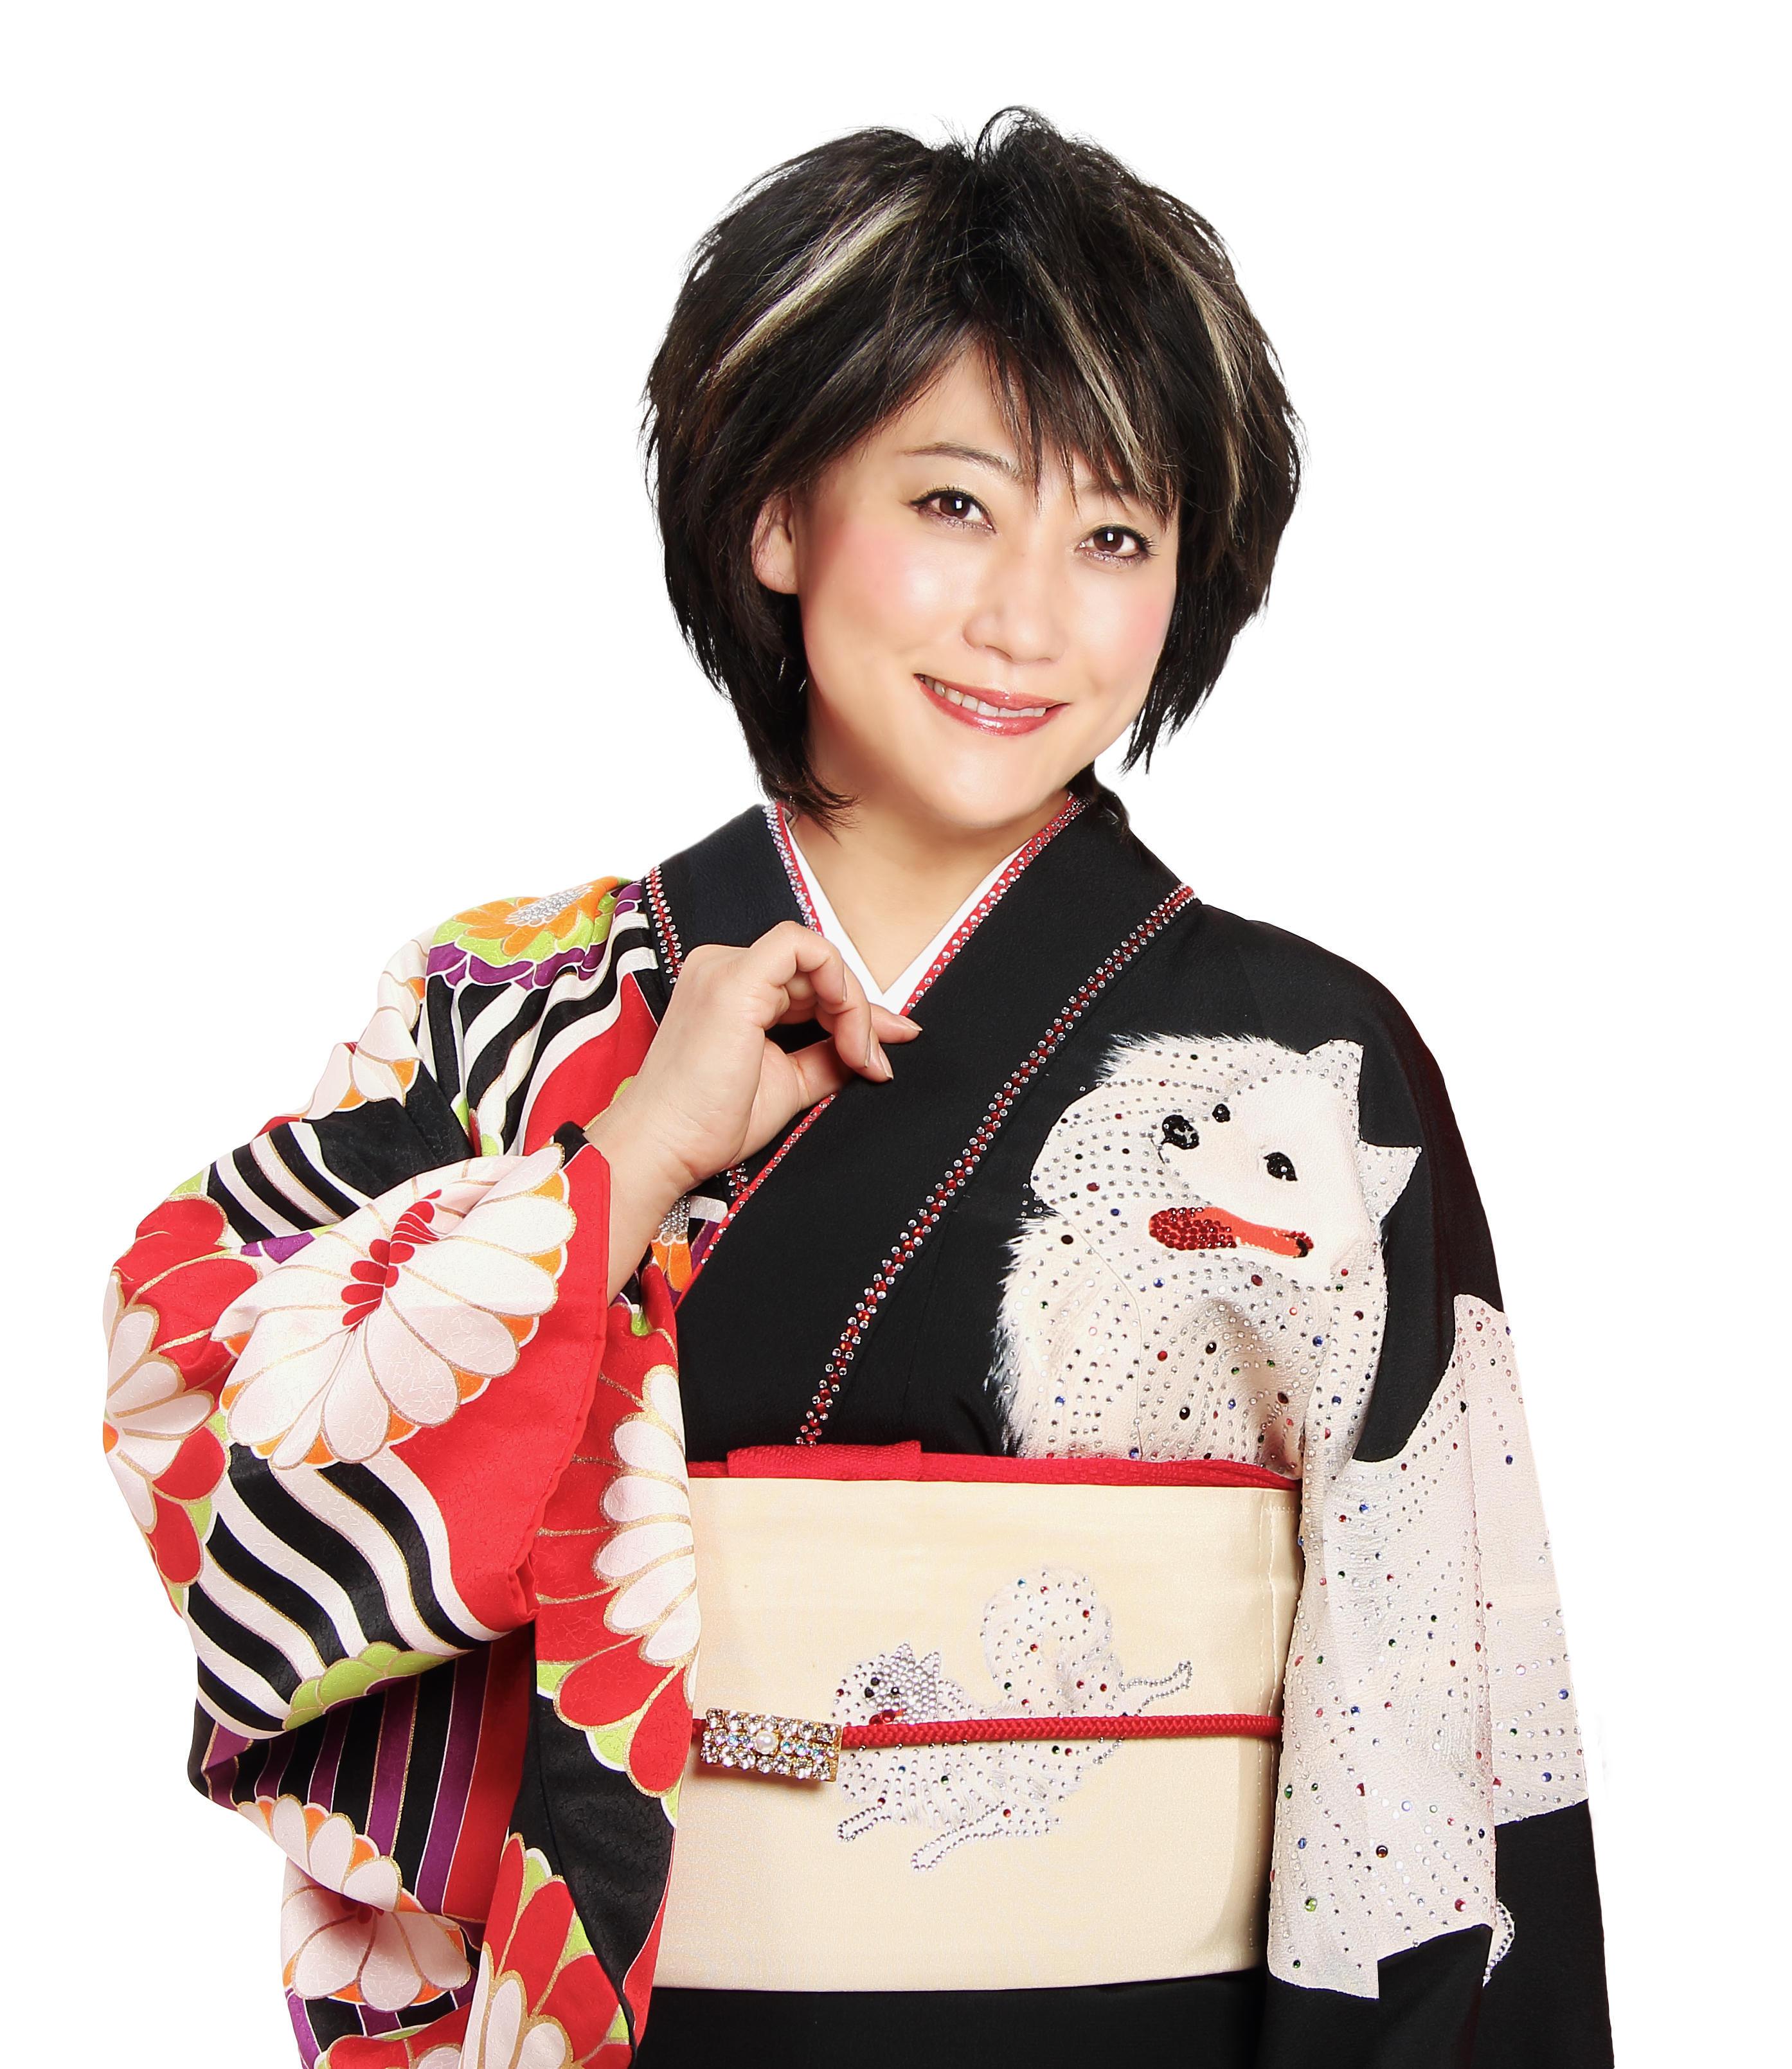 http://news.yoshimoto.co.jp/20170825173628-81af4f254bdda36868ee6bbf4d1adf4d1bddab46.jpg